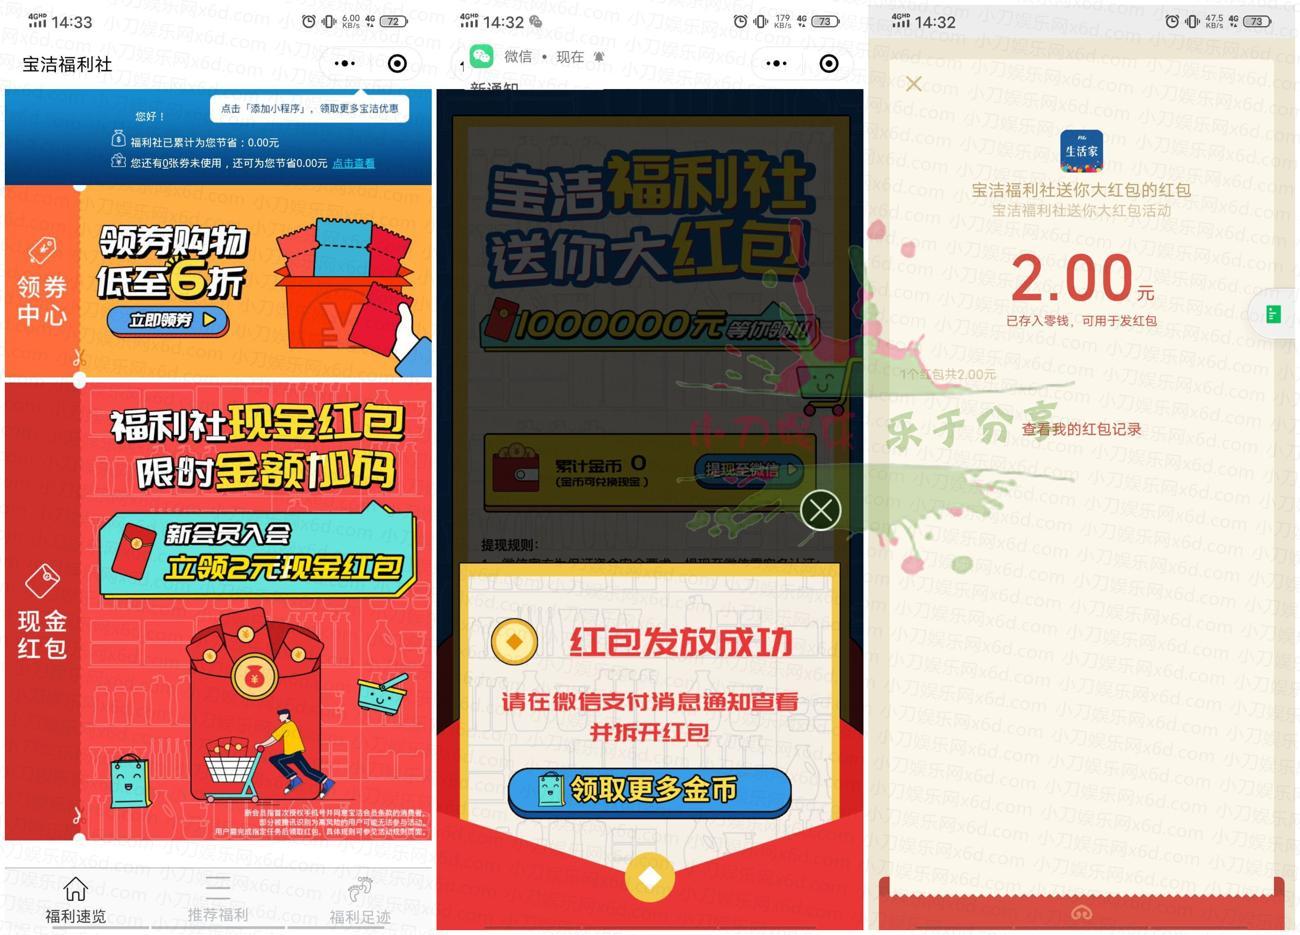 宝洁福利社领取2元微信红包 活动线报 第1张